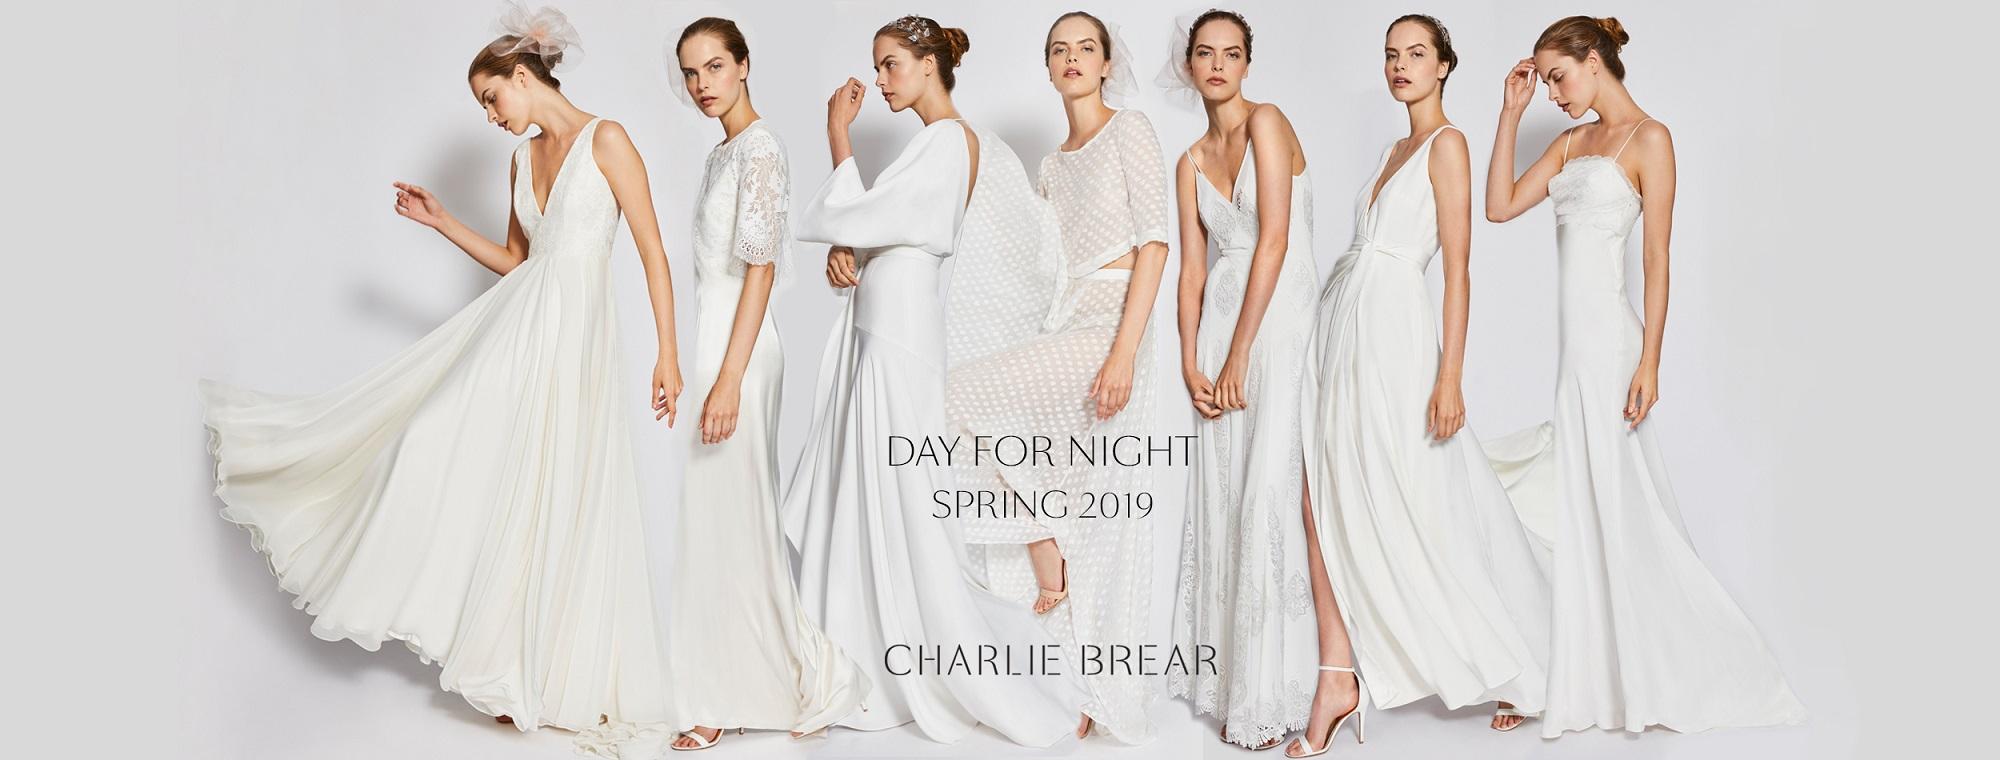 Charlie Brear Banner.jpg